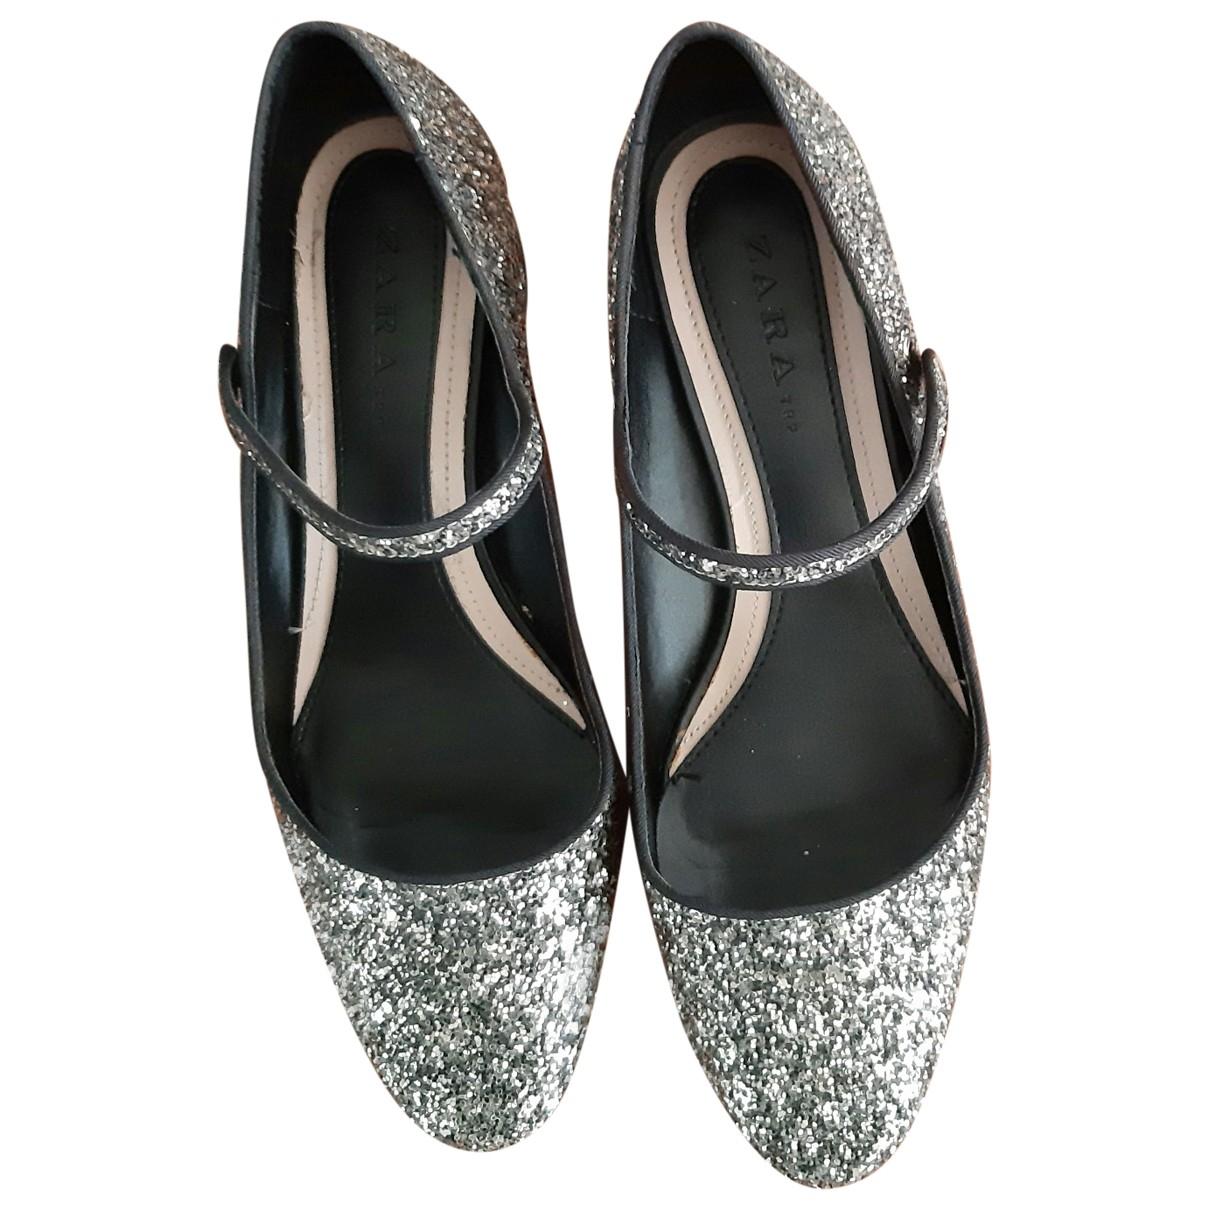 Zara - Escarpins   pour femme en a paillettes - dore